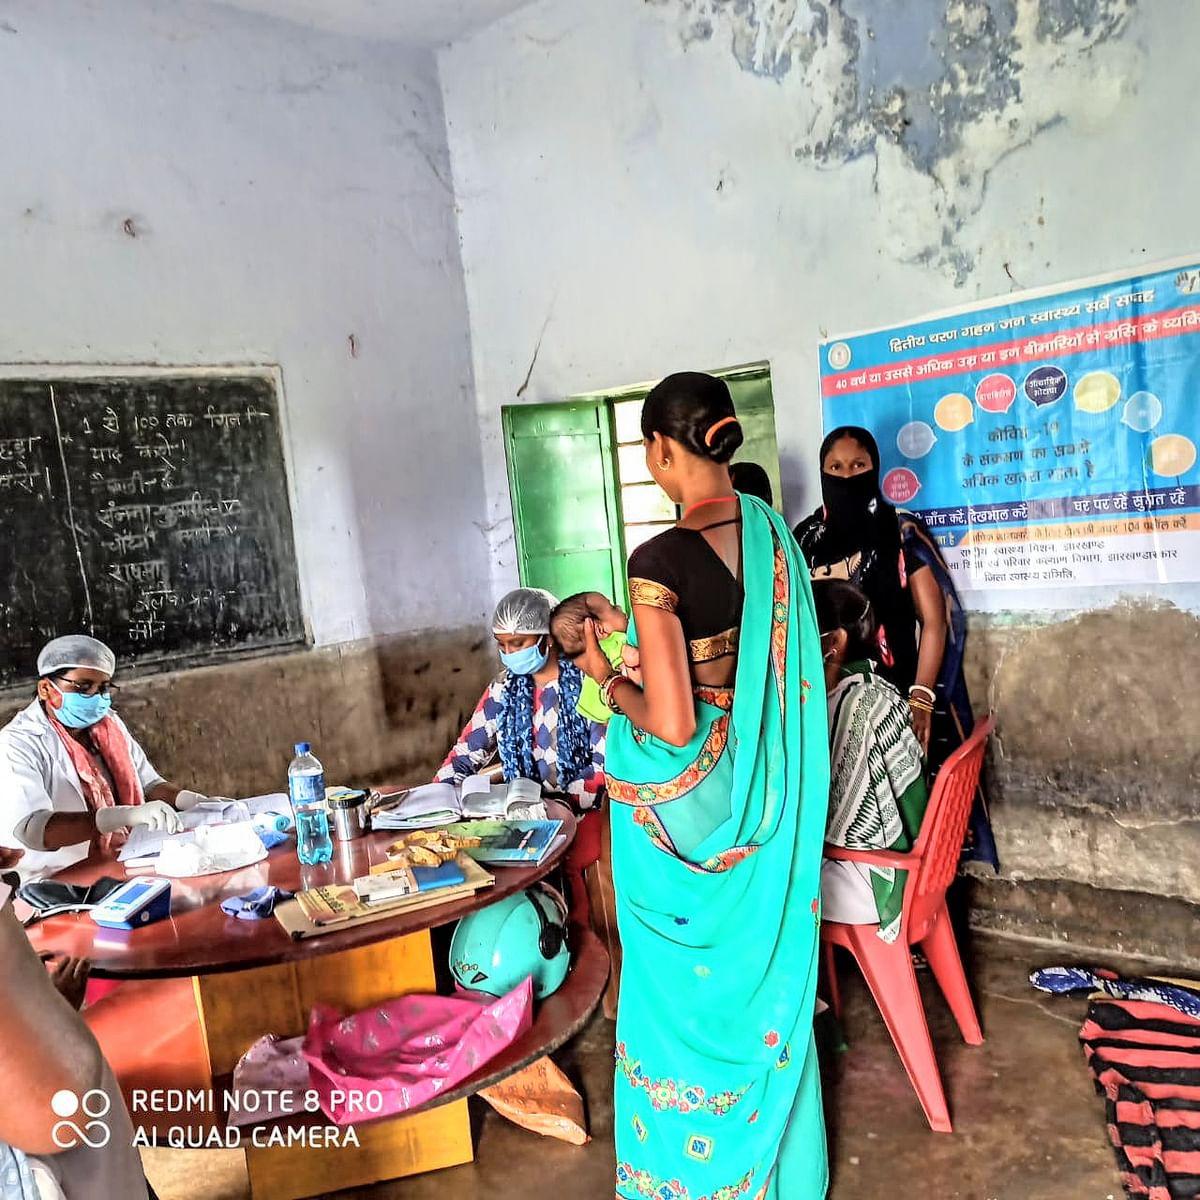 उप-स्वास्थ्य केन्द्र कुमारडीह एवं प्राथमिक विद्दालय संथालडीह में निःशुल्क स्वास्थ्य जांच शिविर आयोजित